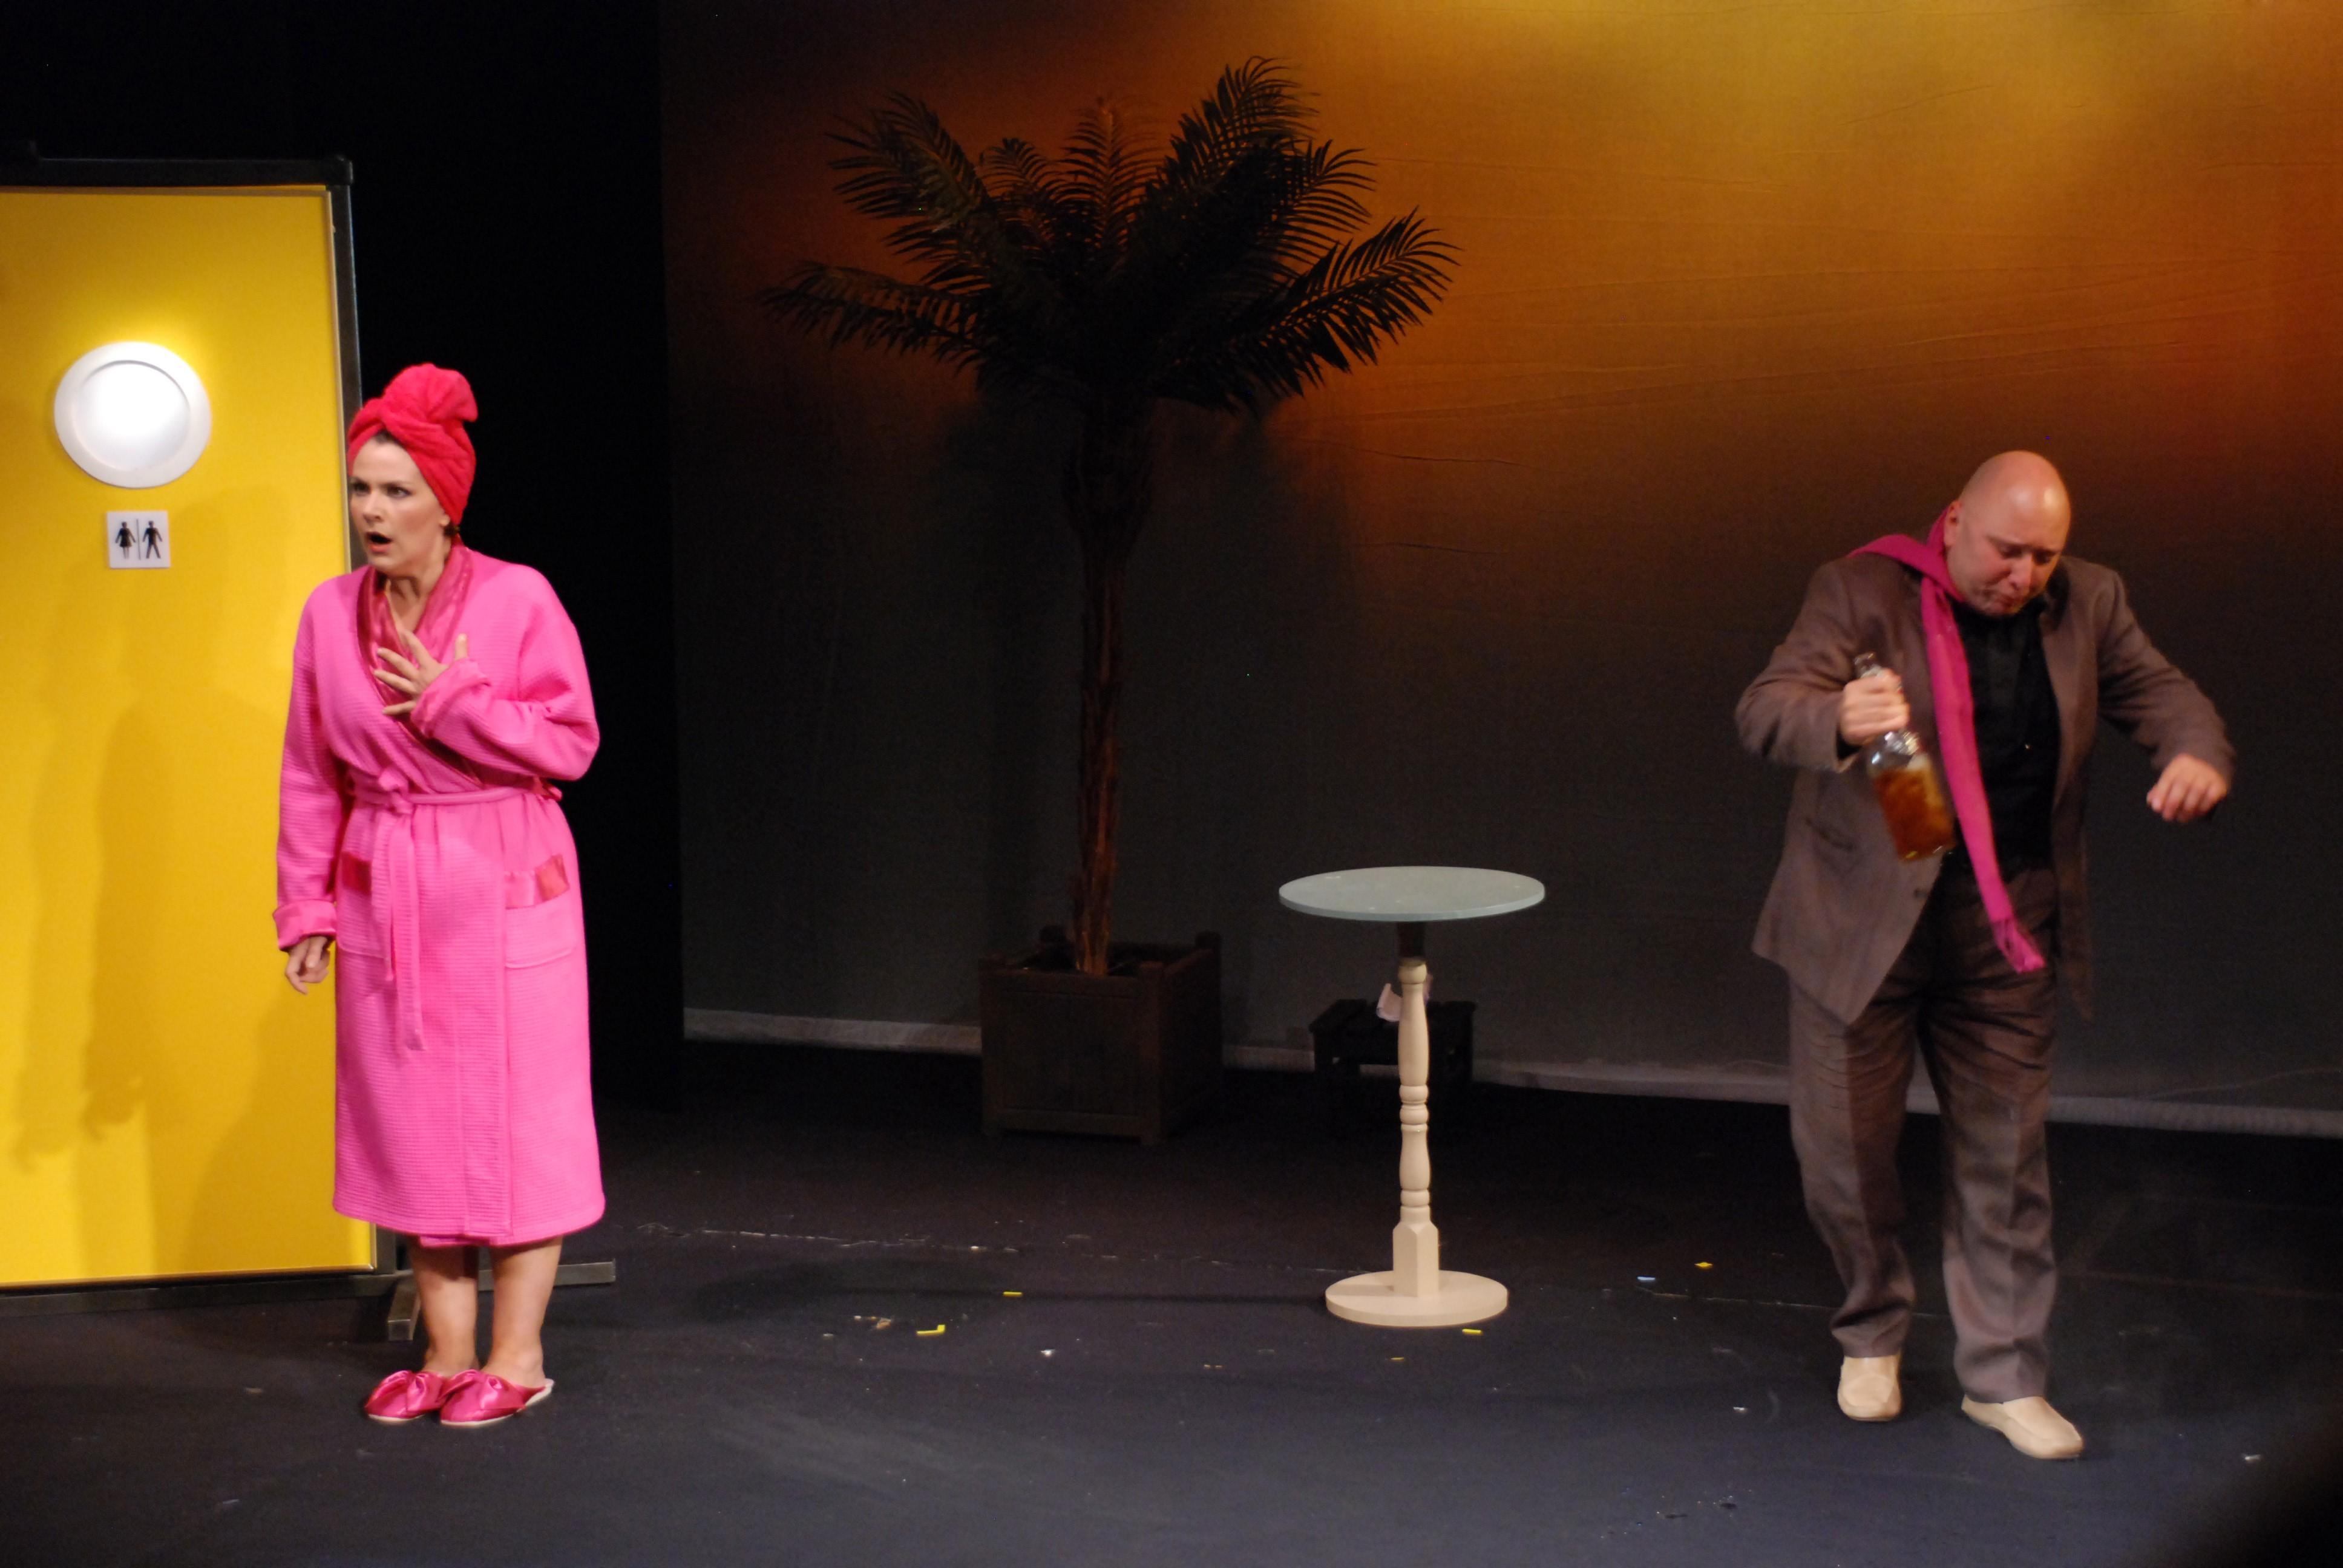 Deux personnes sur scène dans un décor minimaliste.